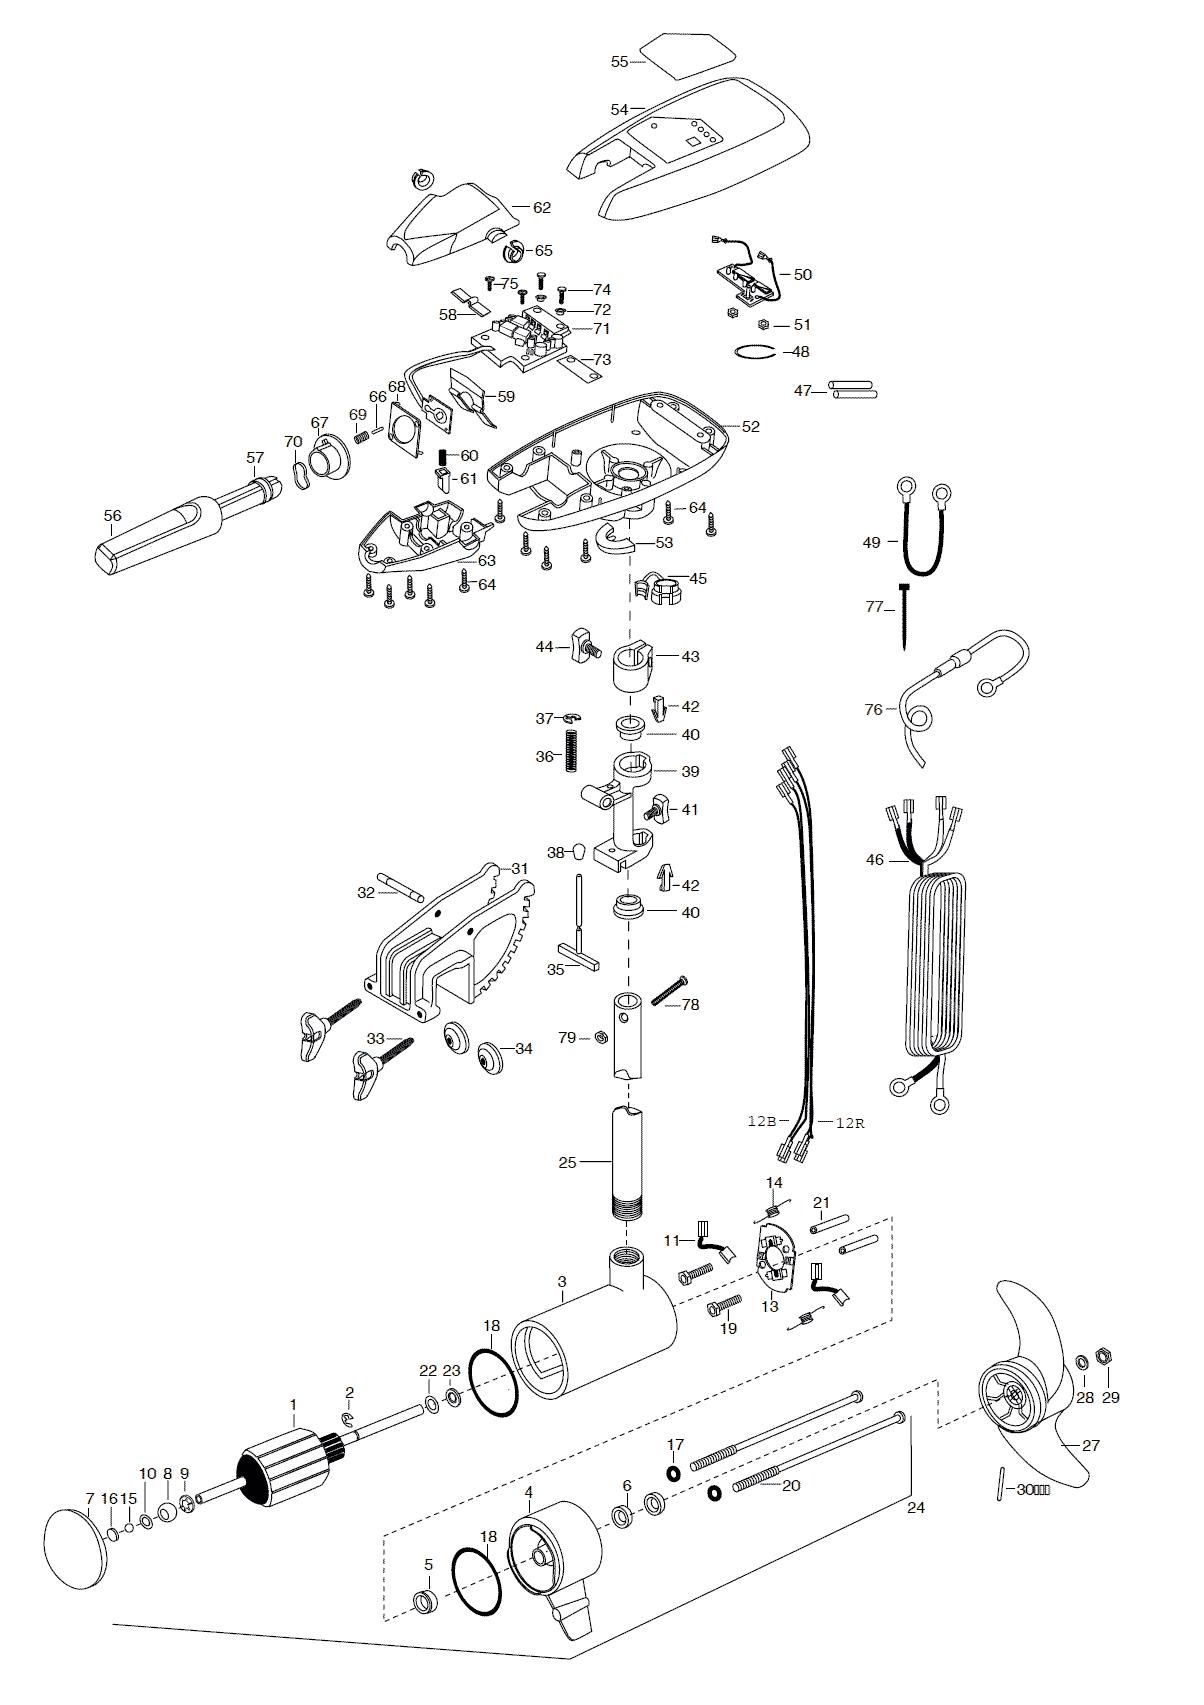 Minn Kota Maxxum 74t 36 Inch Parts